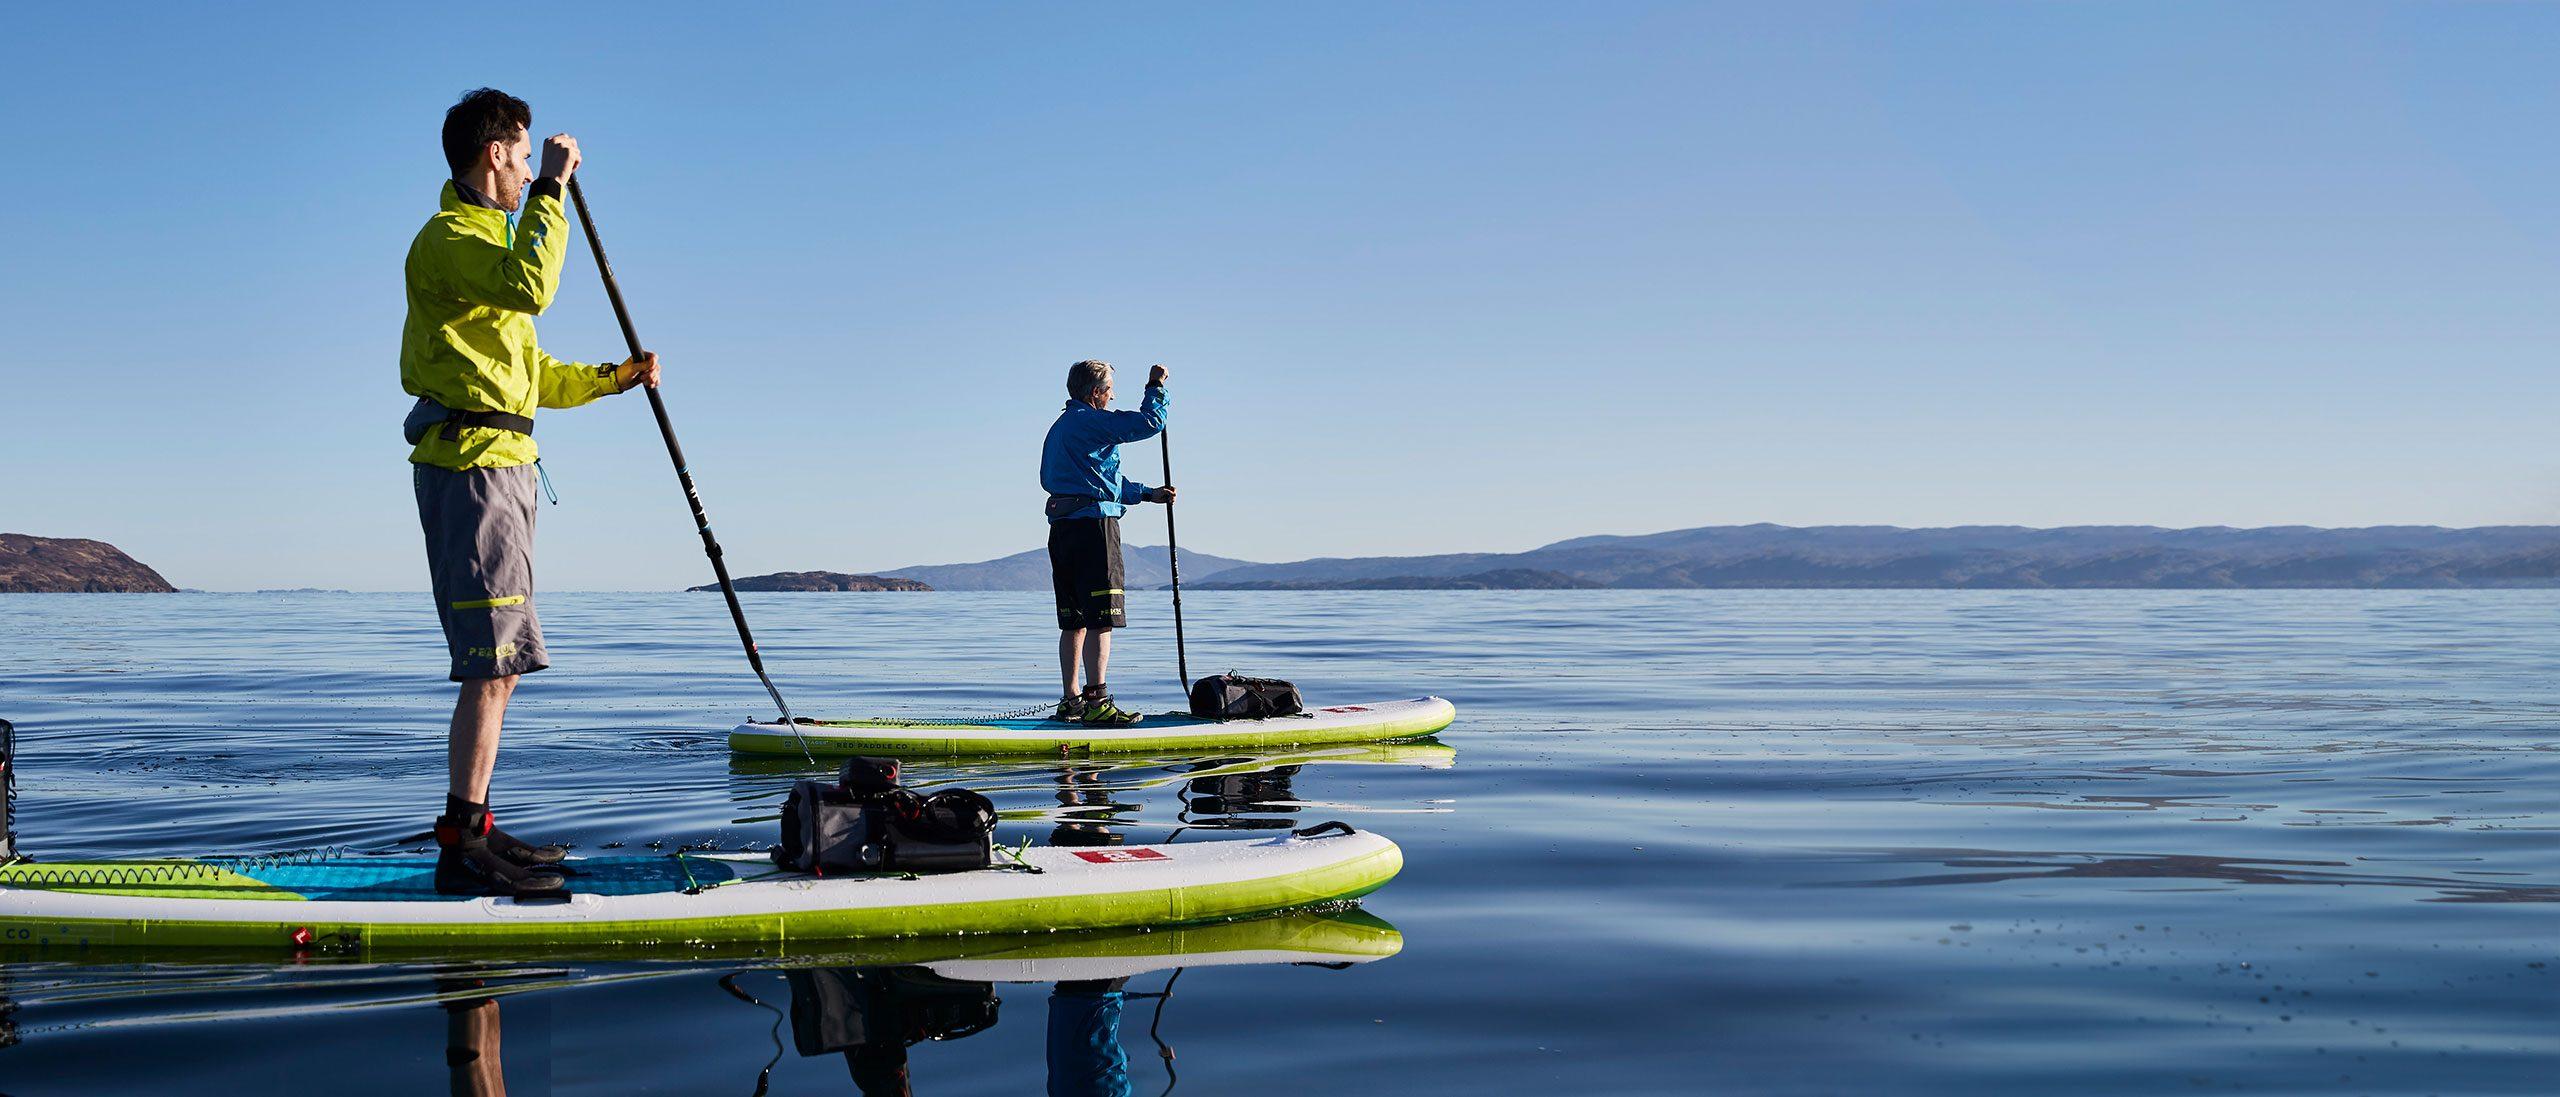 Zwei Freunde paddeln in flachen blauen Gewässern in Schottland